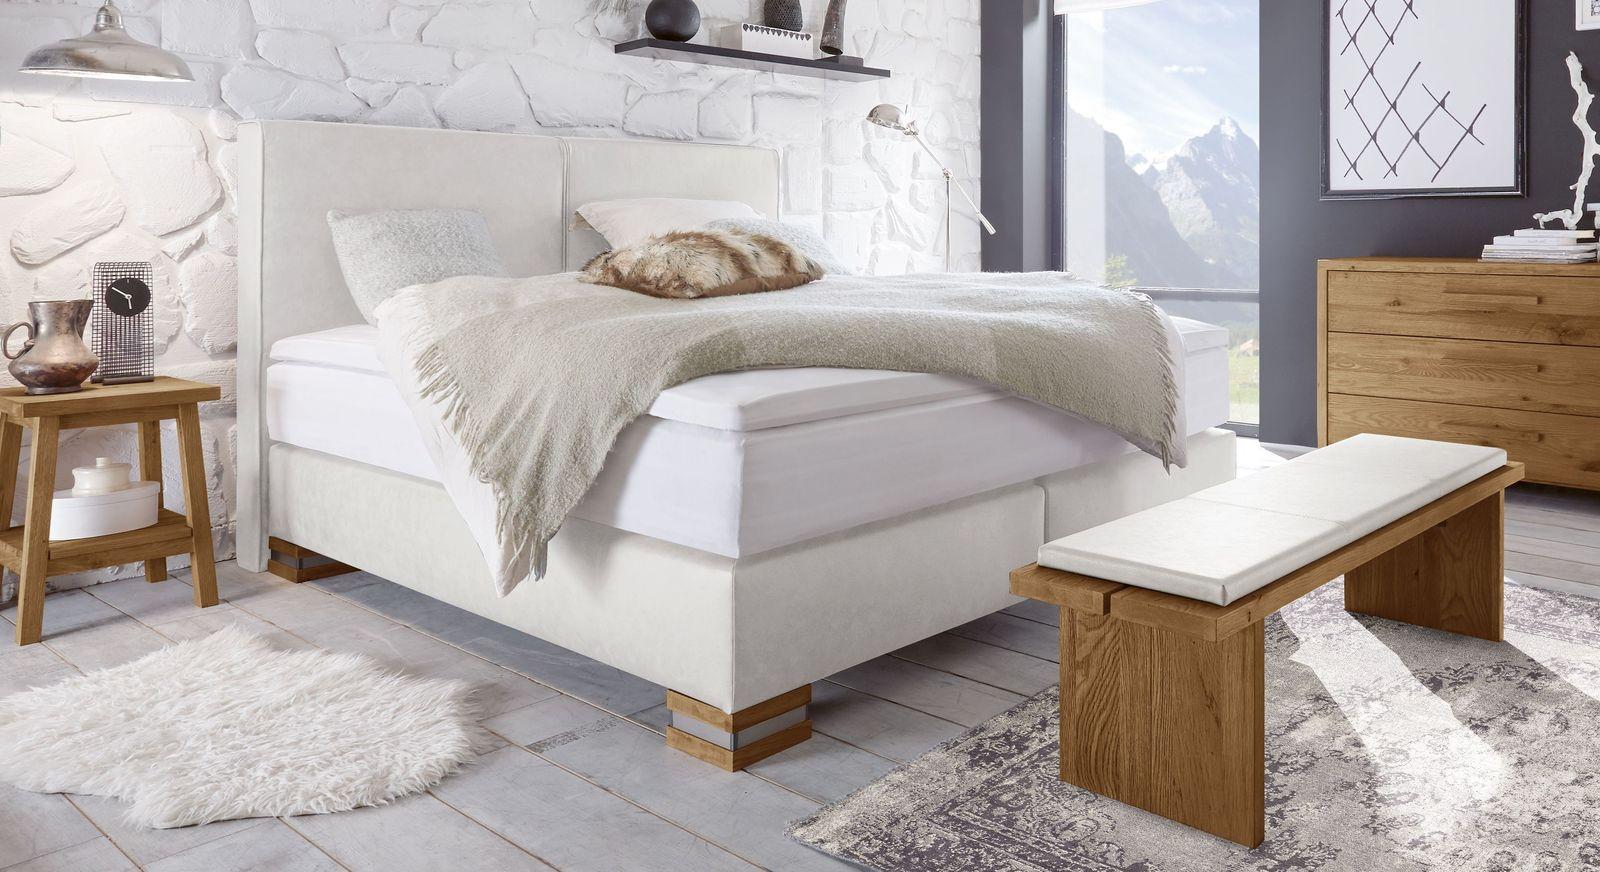 Boxspringbett Tholen aus weißem Kunstleder und naturfarbener Wildeiche